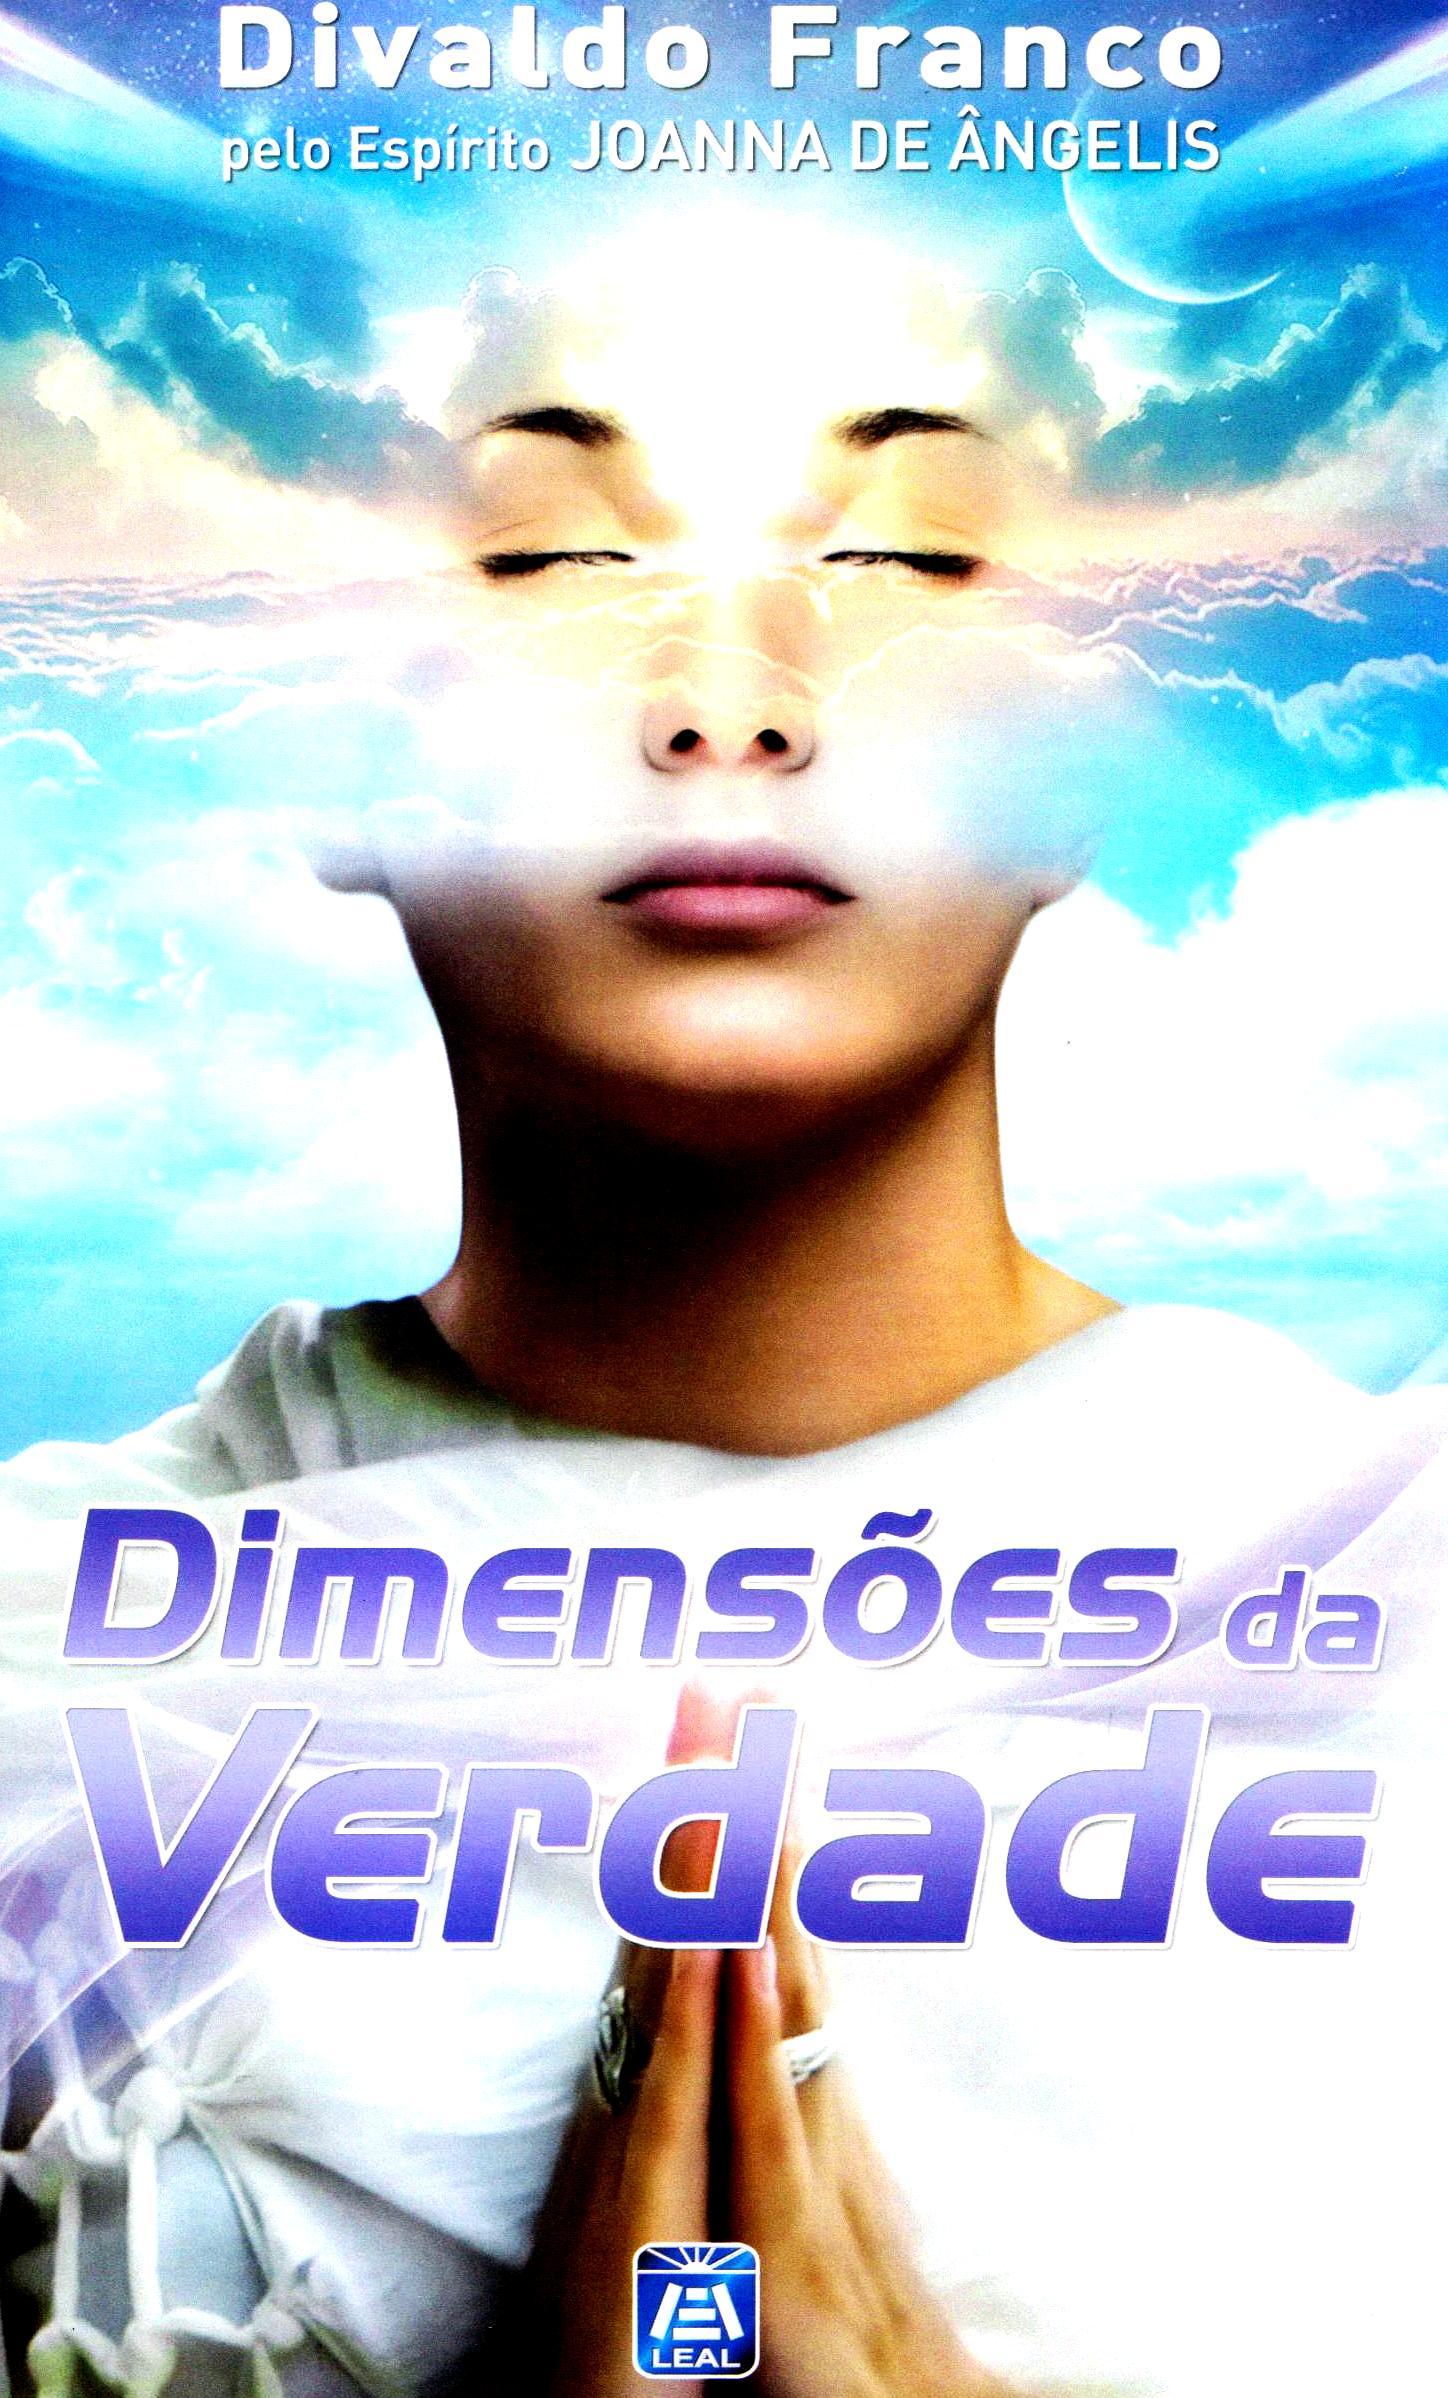 DIMENSOES DA VERDADE